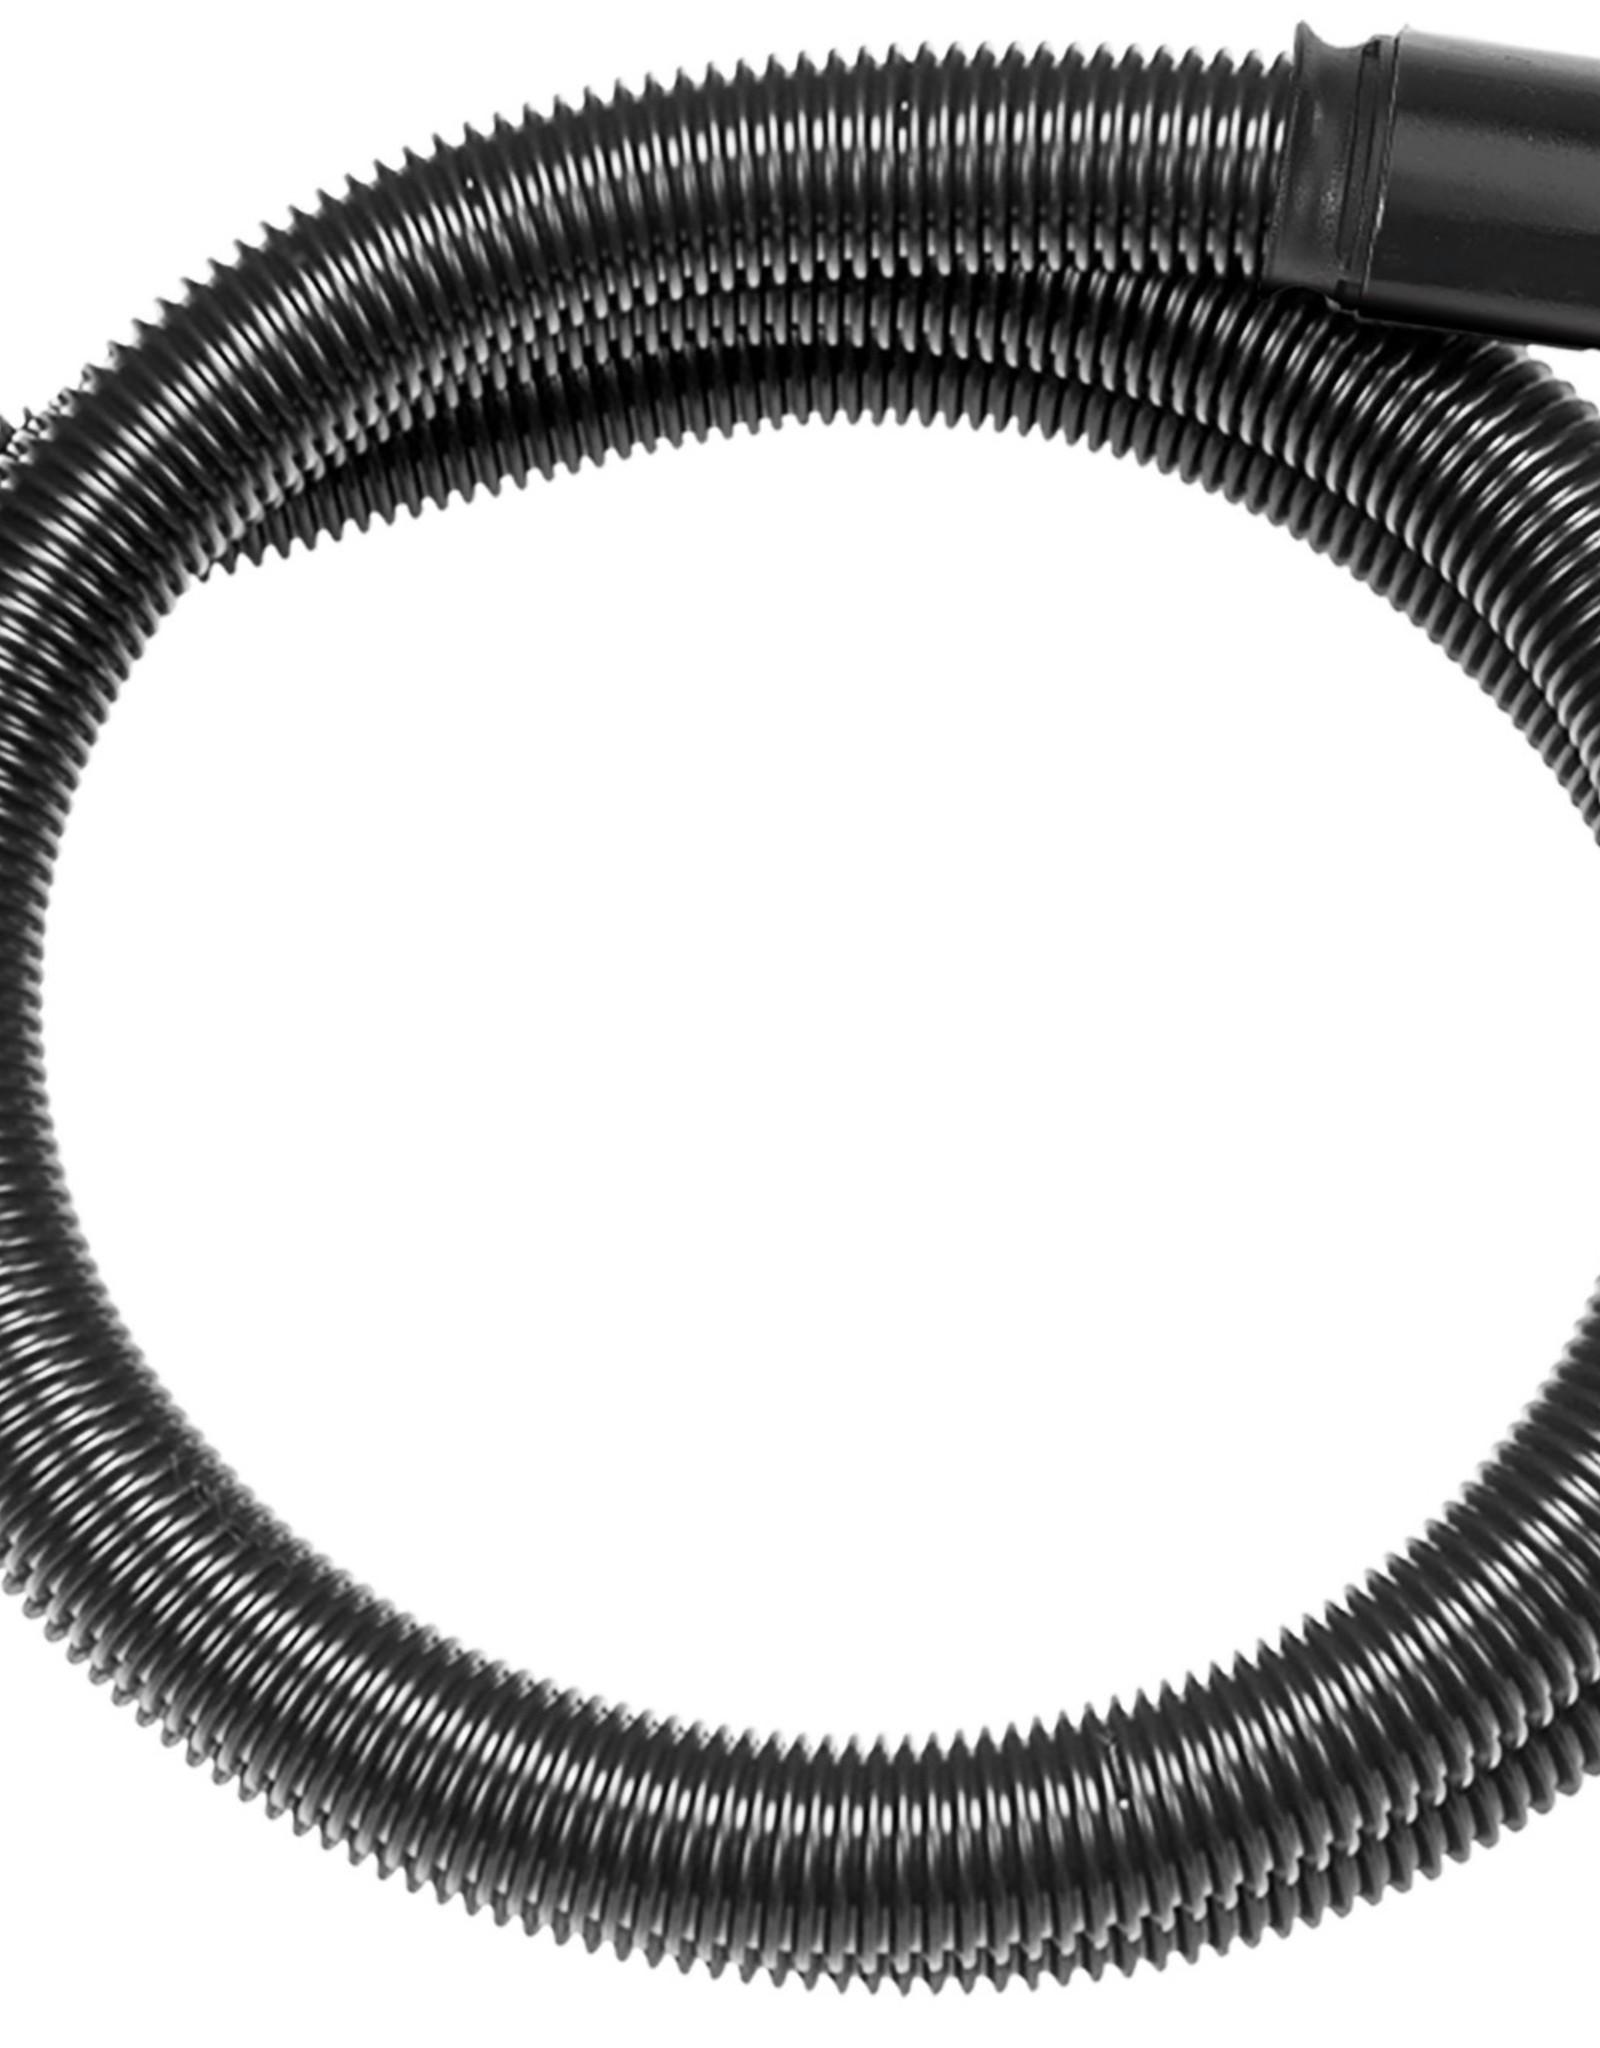 NUMATIC Conische FloMax slang compleet, 2,2 meter